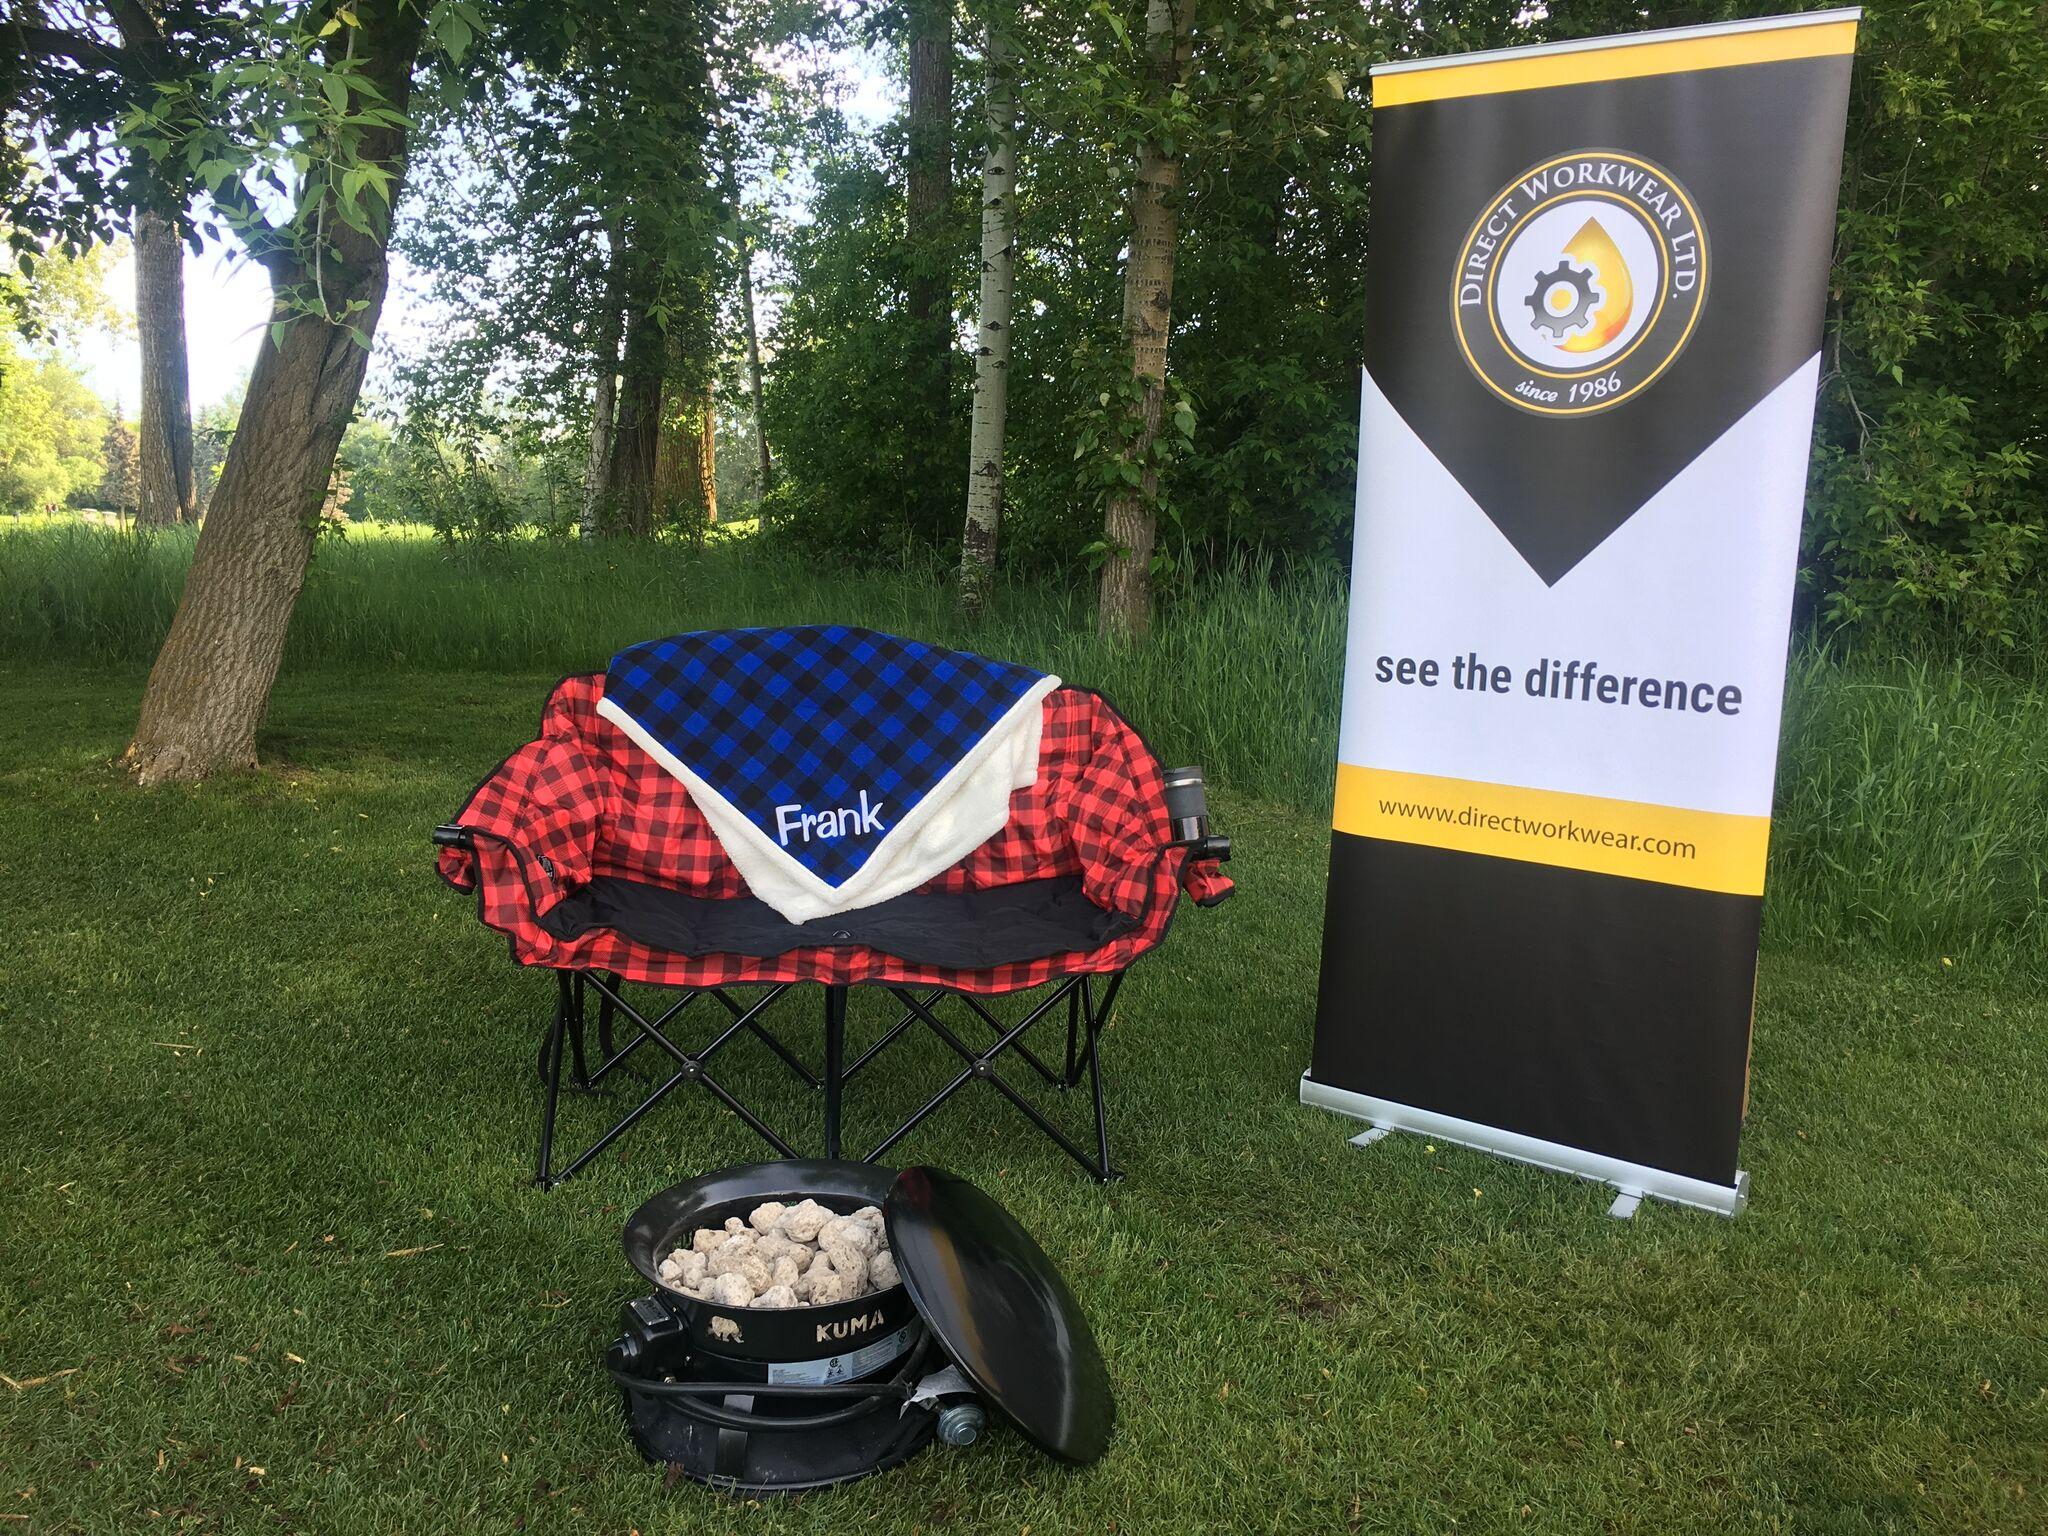 Direct Workwear Attends the tsn 1260 golf tournament